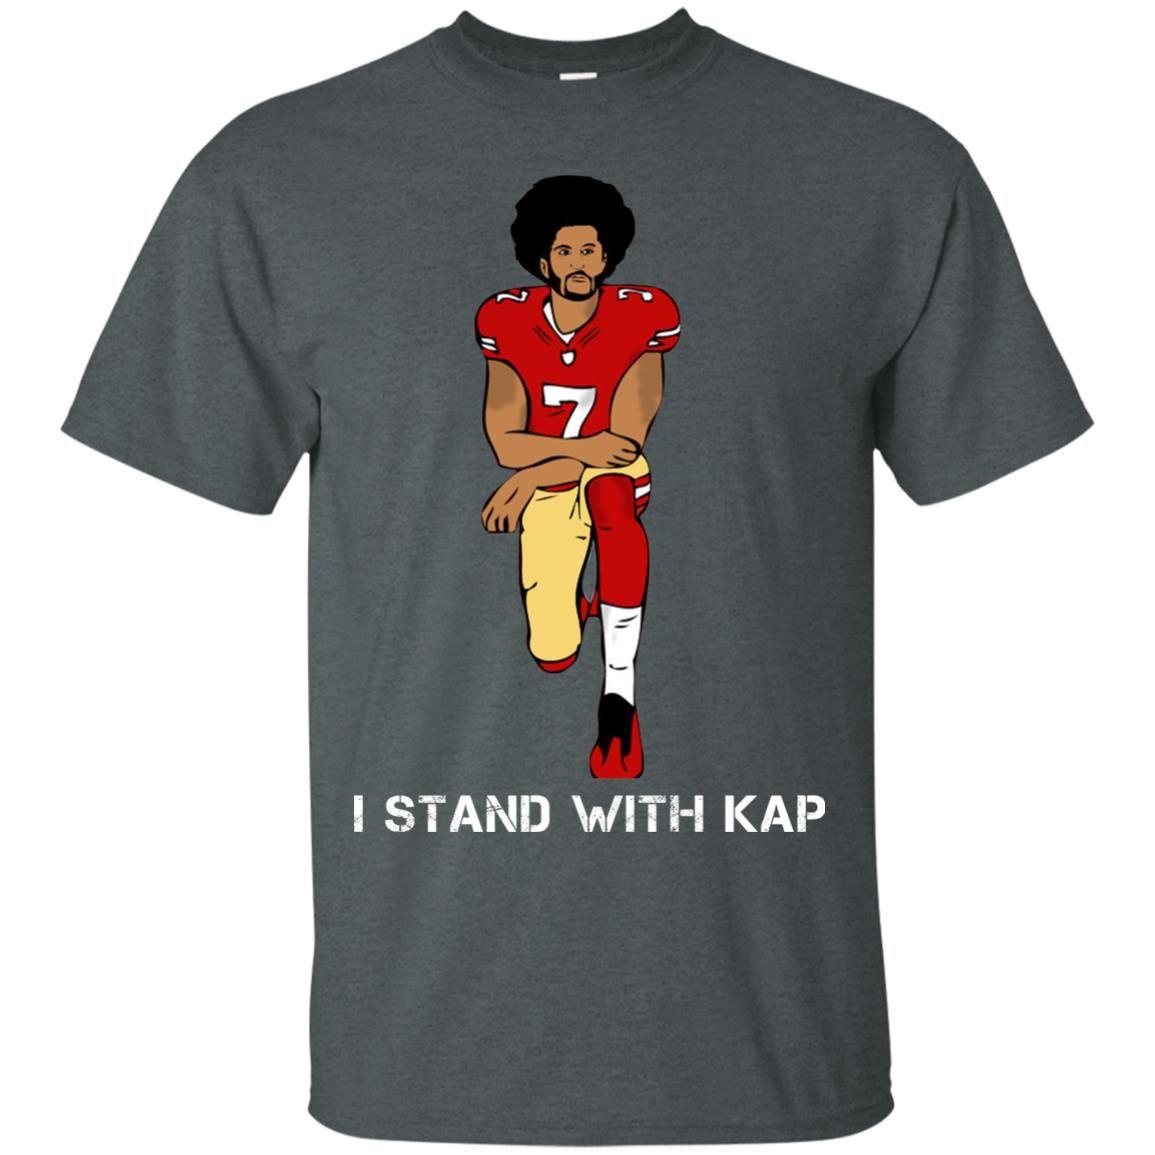 image 1935 - I stand with Kap shirt, hoodie